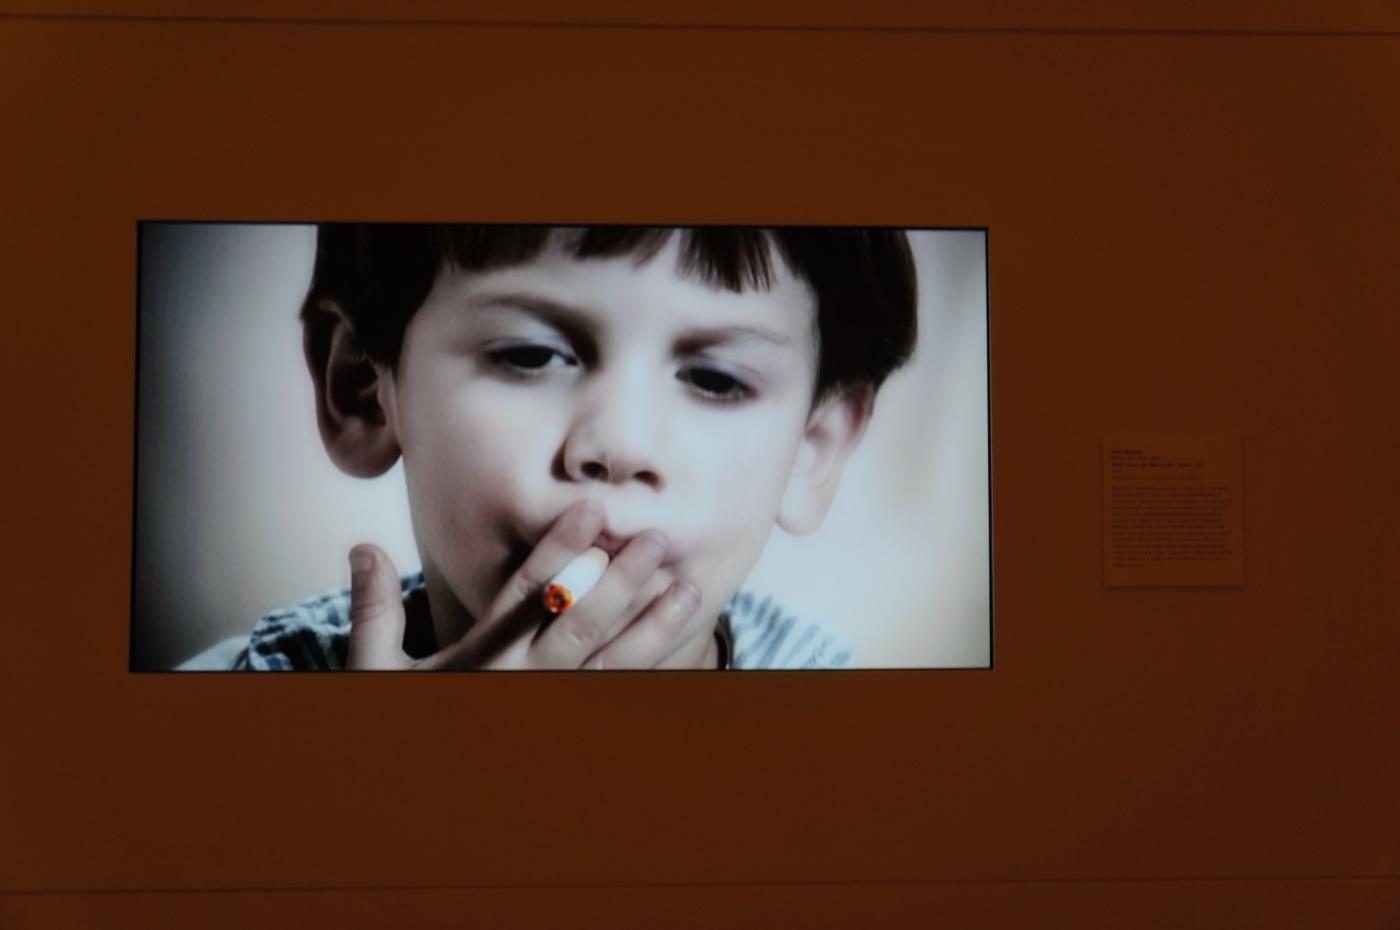 [jiejoy]大都会博物馆---吸烟的小孩_图1-1